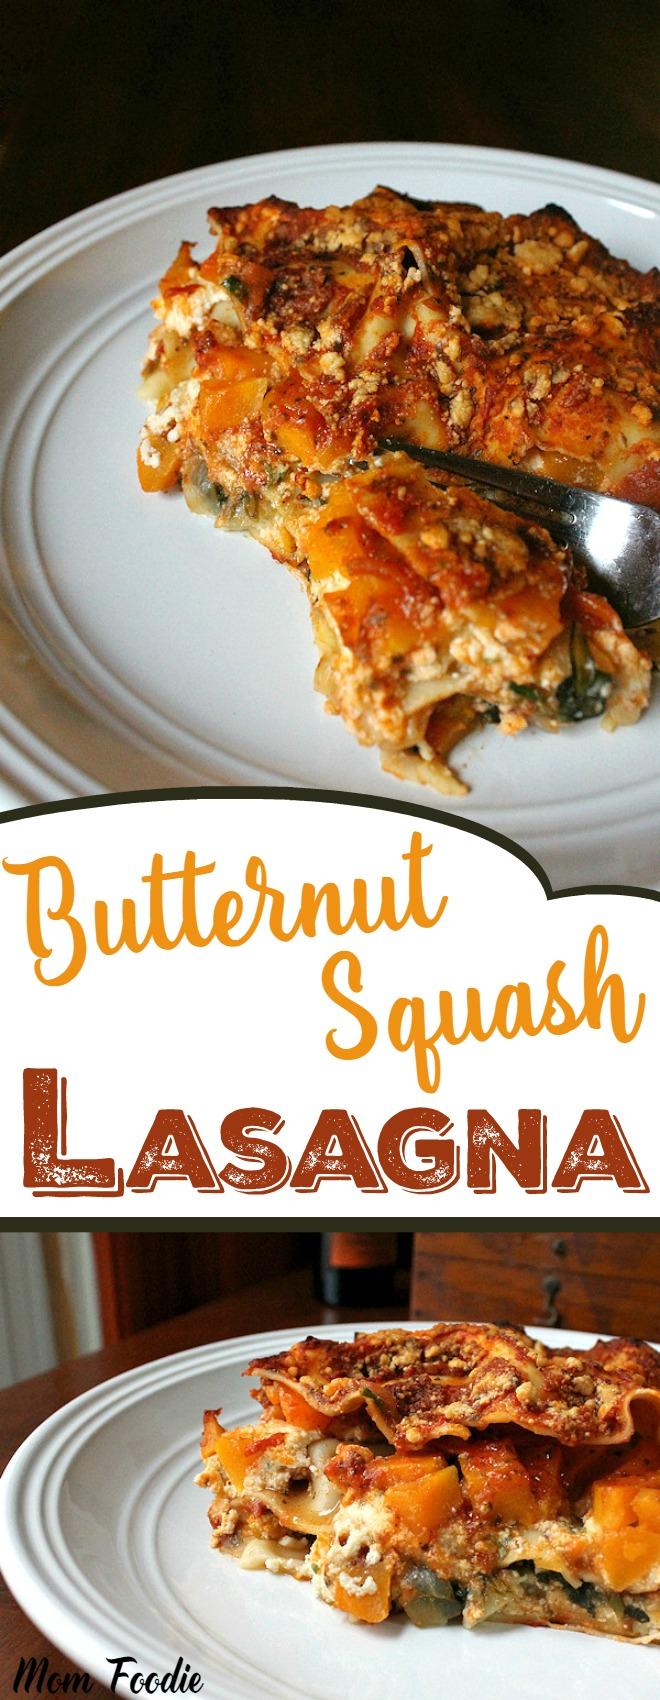 Butternut Squash Lasagna Vegetarian Recipe